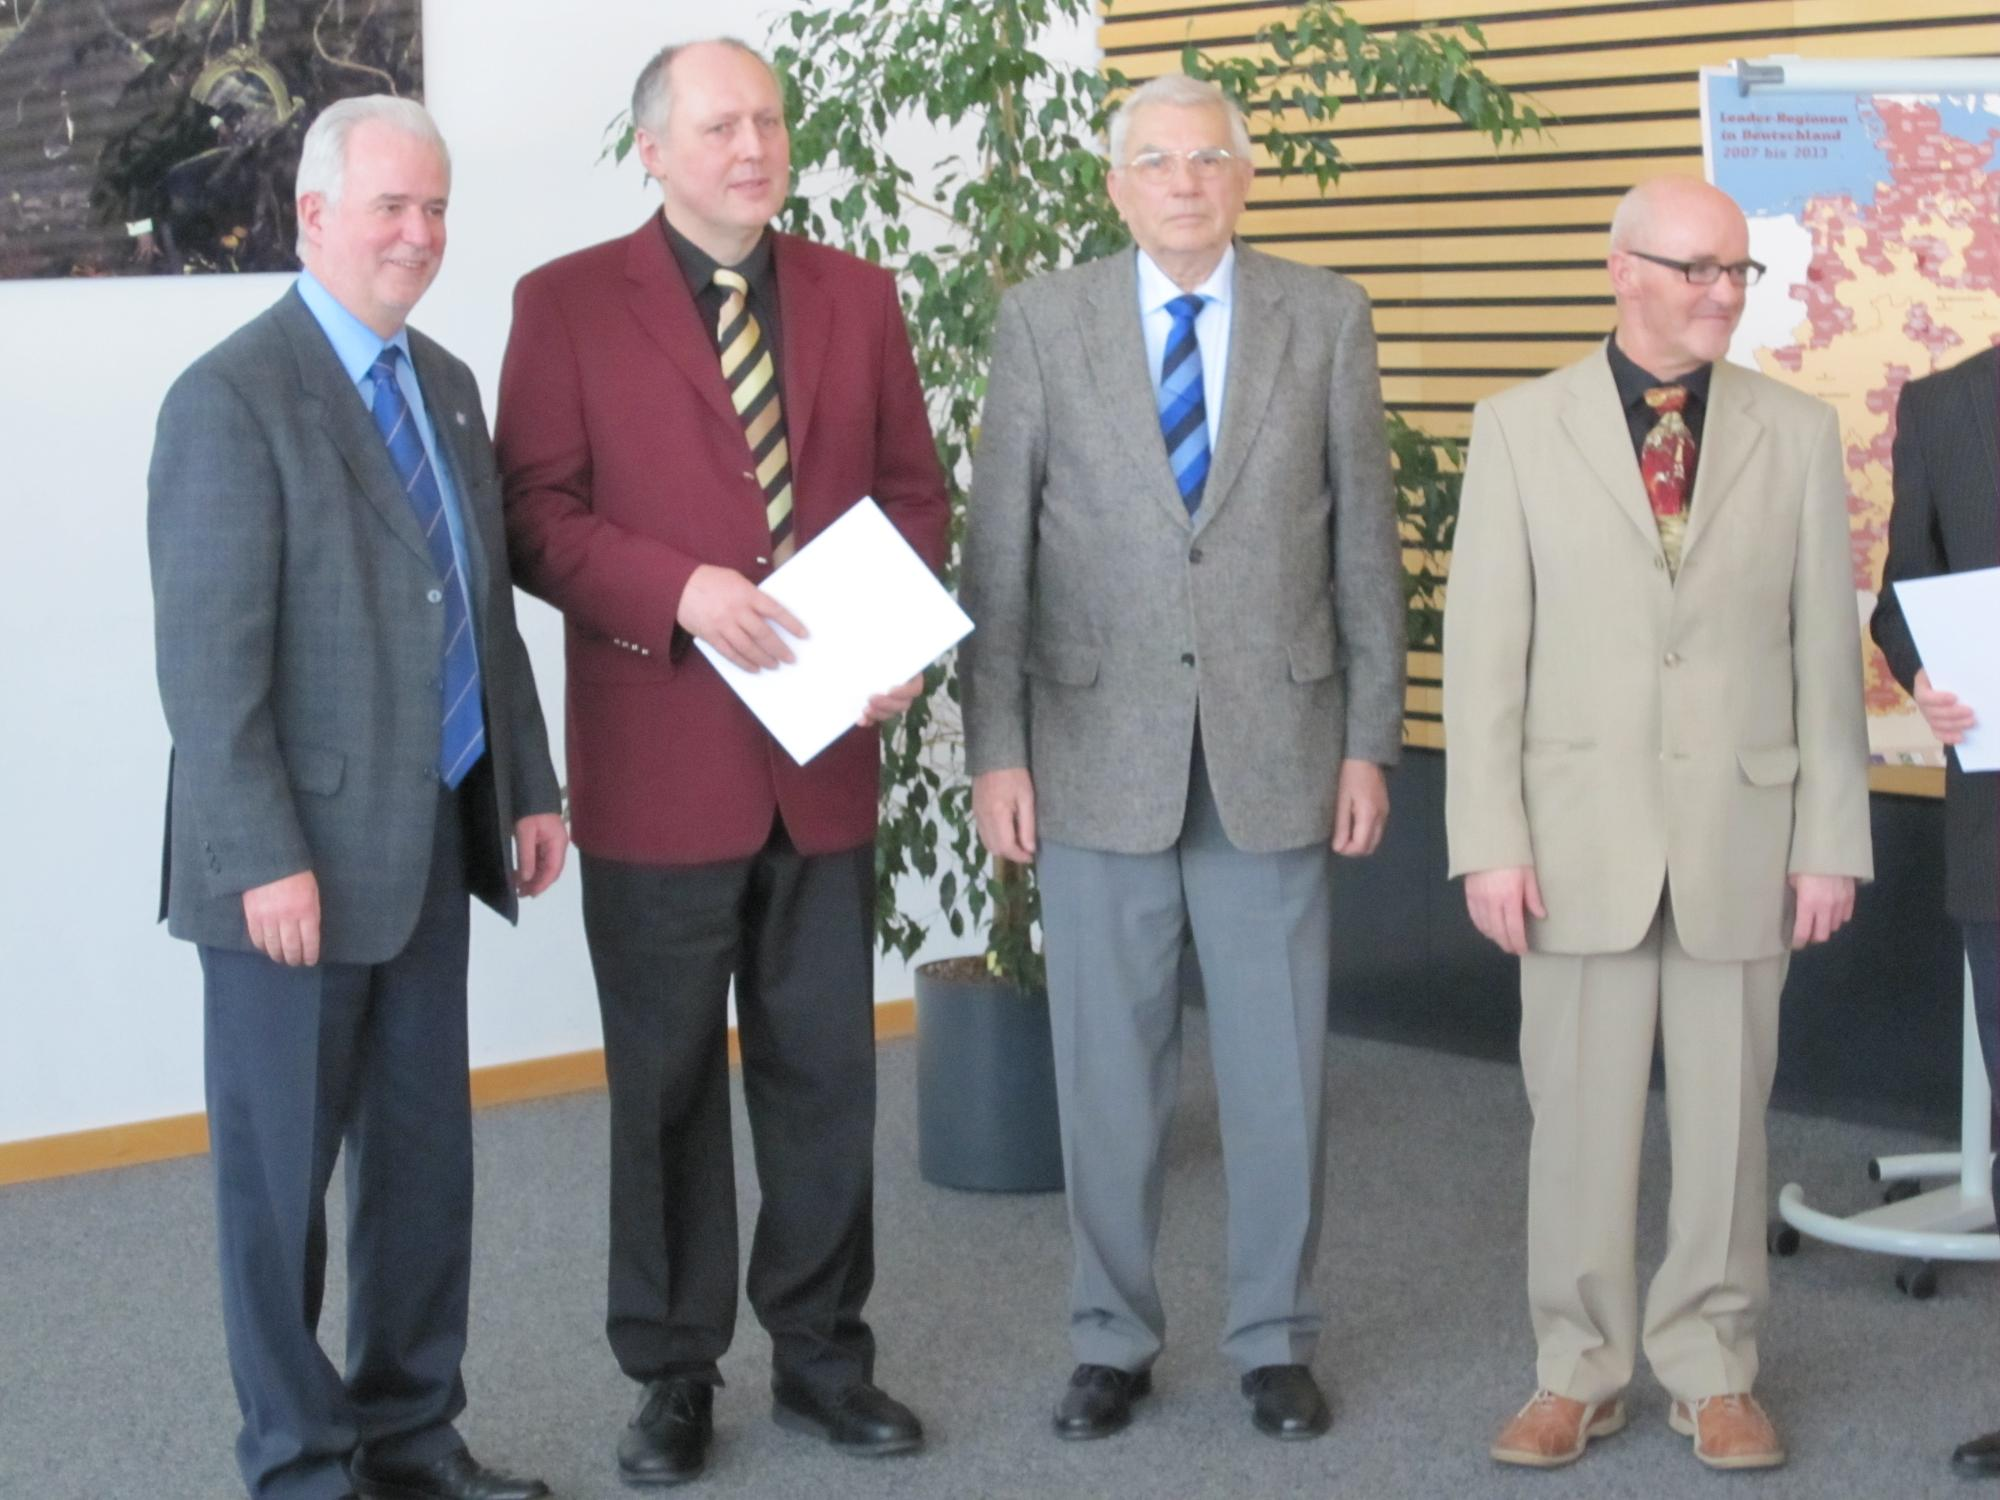 Preisverleihung , Herr Minister Reinholz (TMLFUN), Herr Bachmann und Herr Prof. Unangst (Eulensteinscher Hof e.V.)